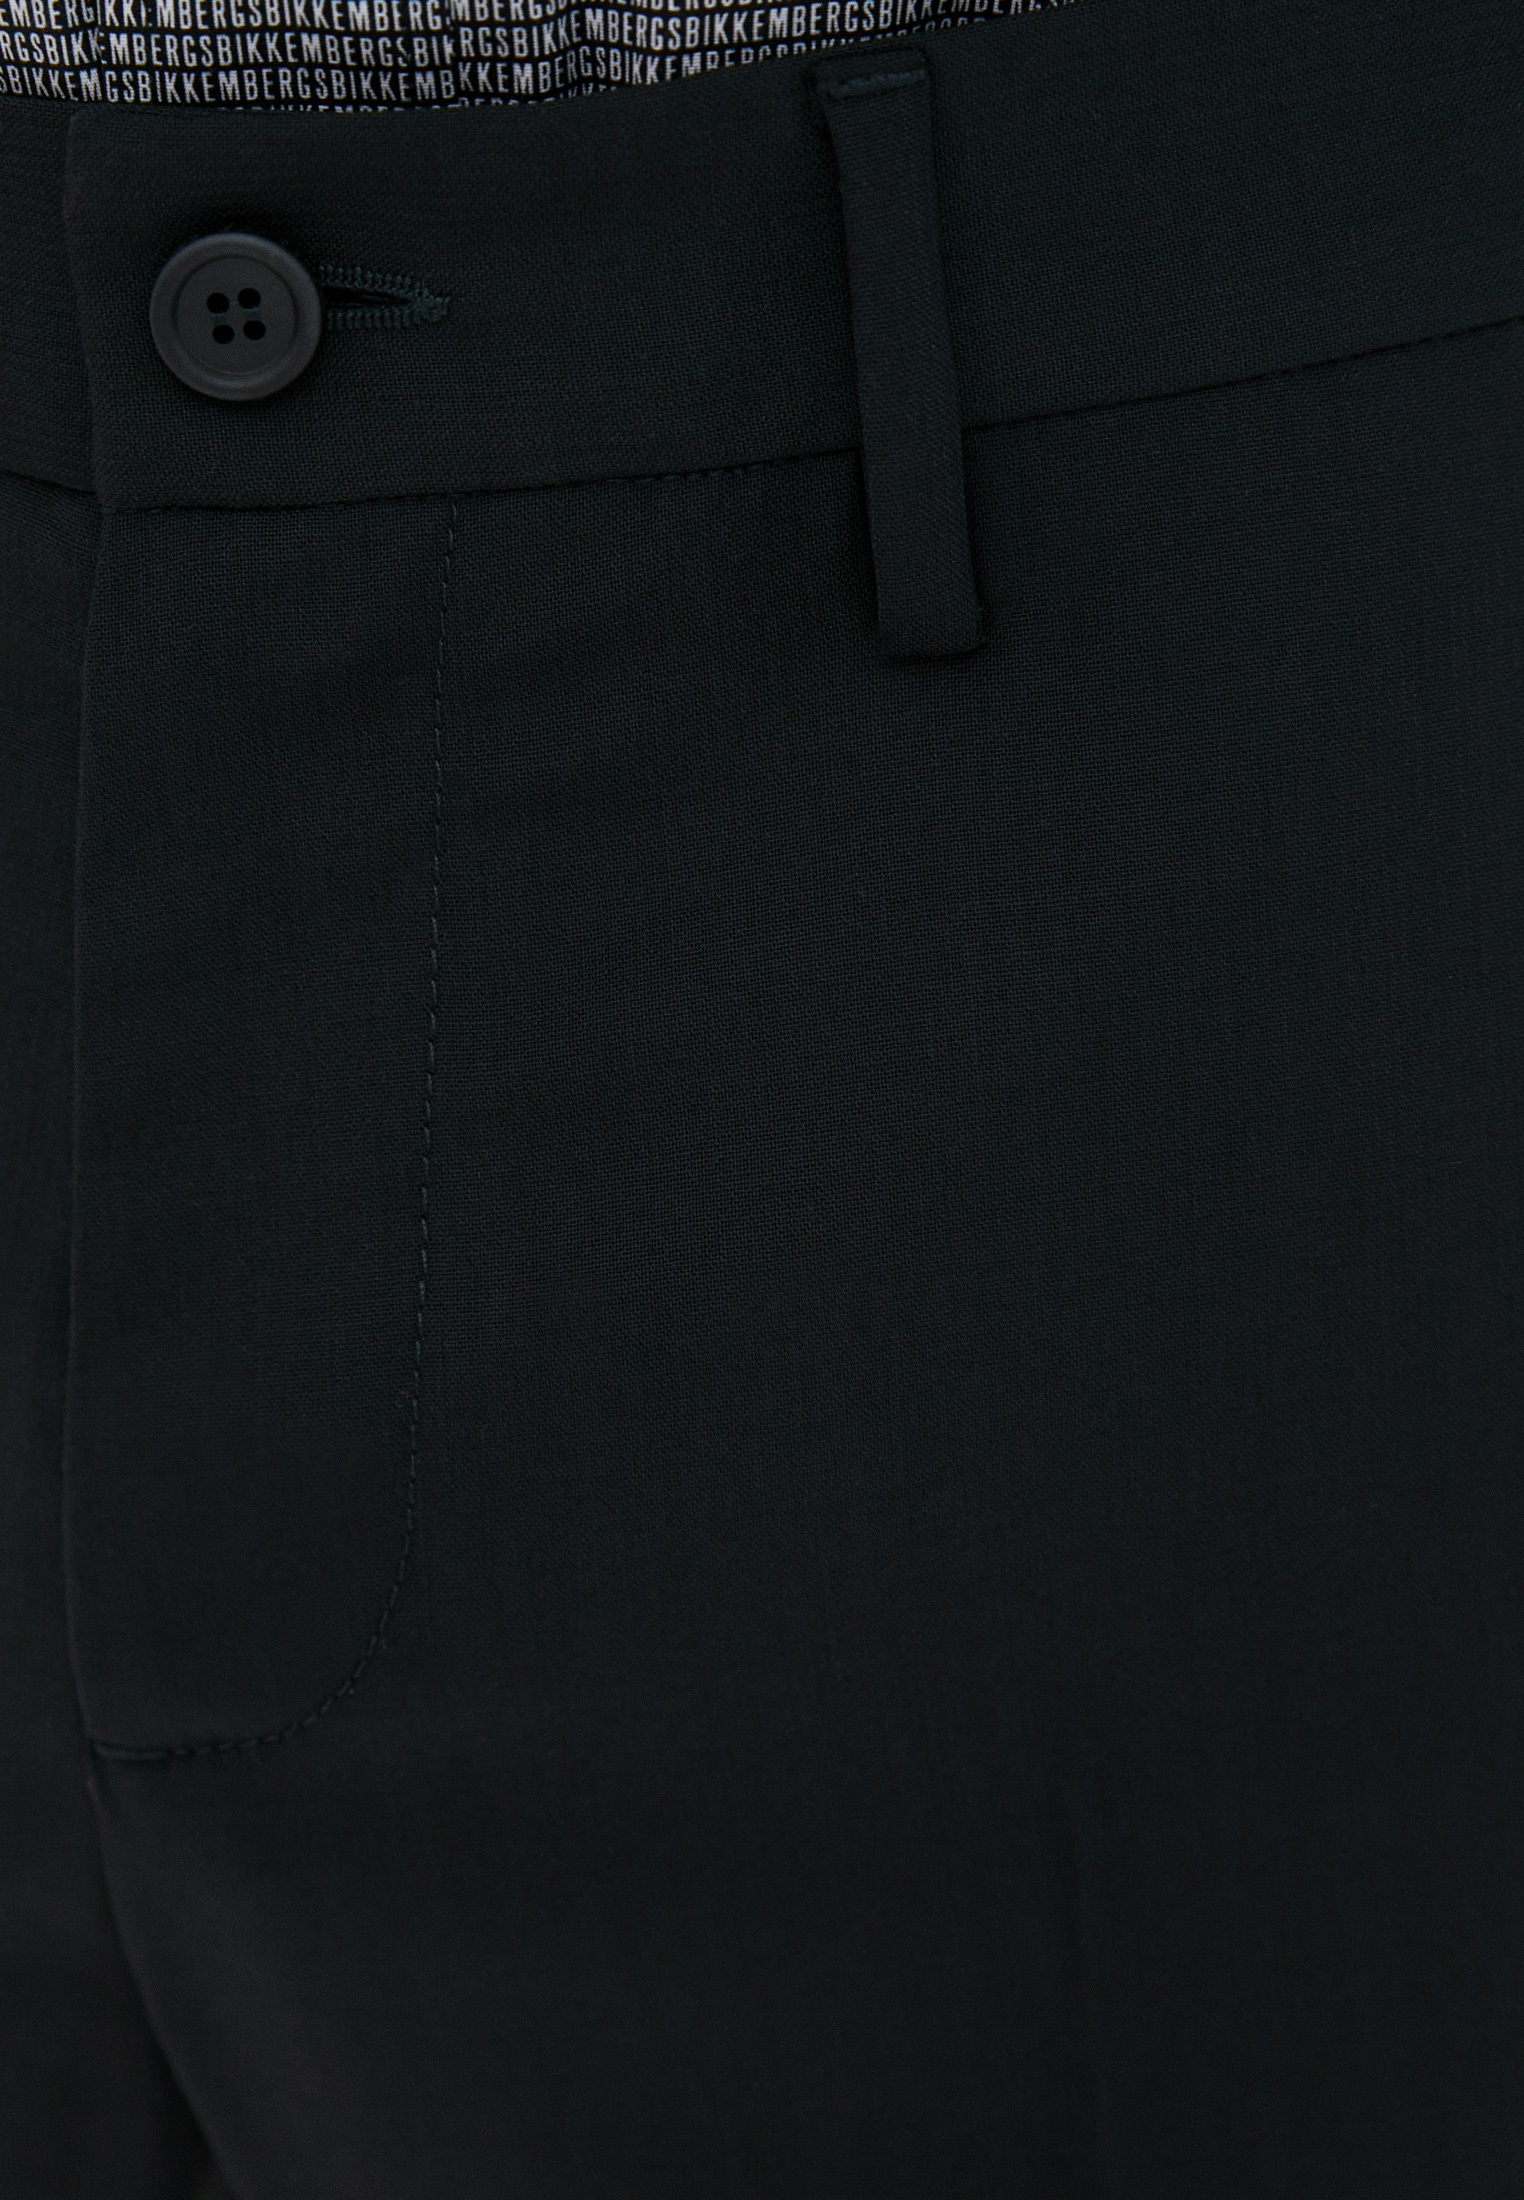 Рубашка с длинным рукавом Bikkembergs C C 009 00 S 3353: изображение 5